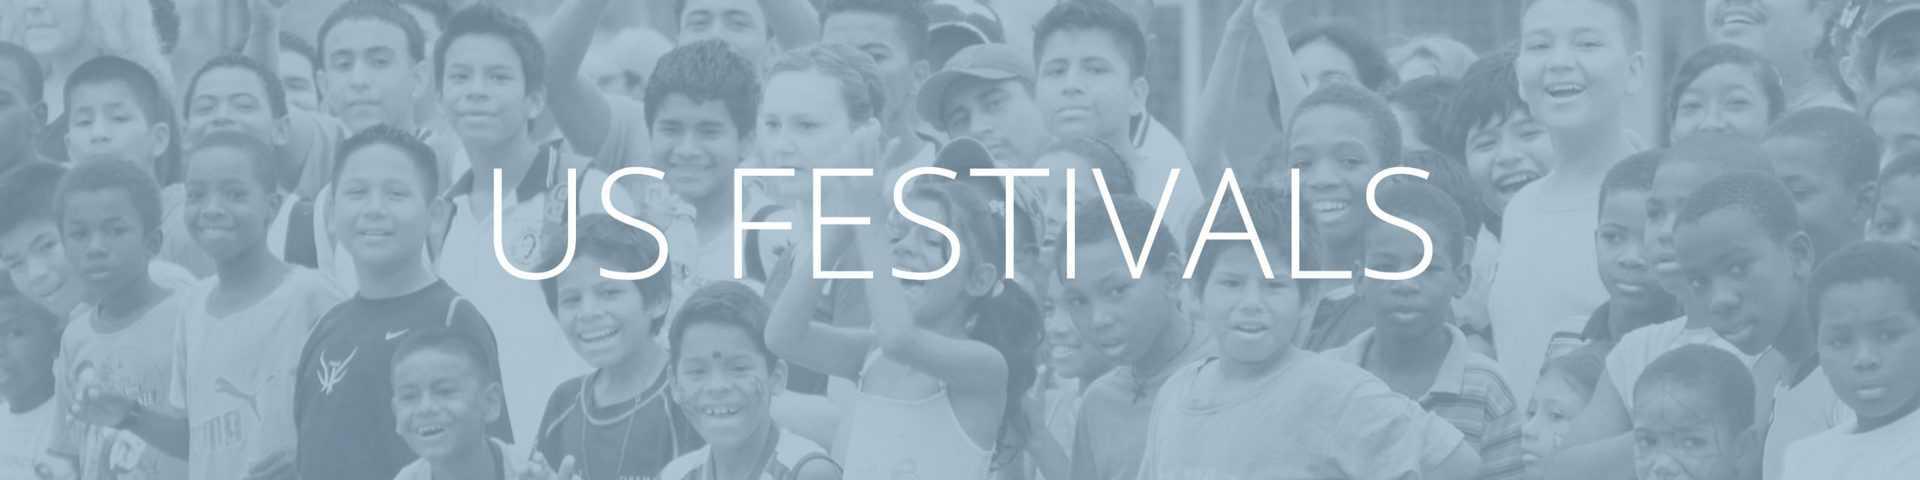 RSA festivals